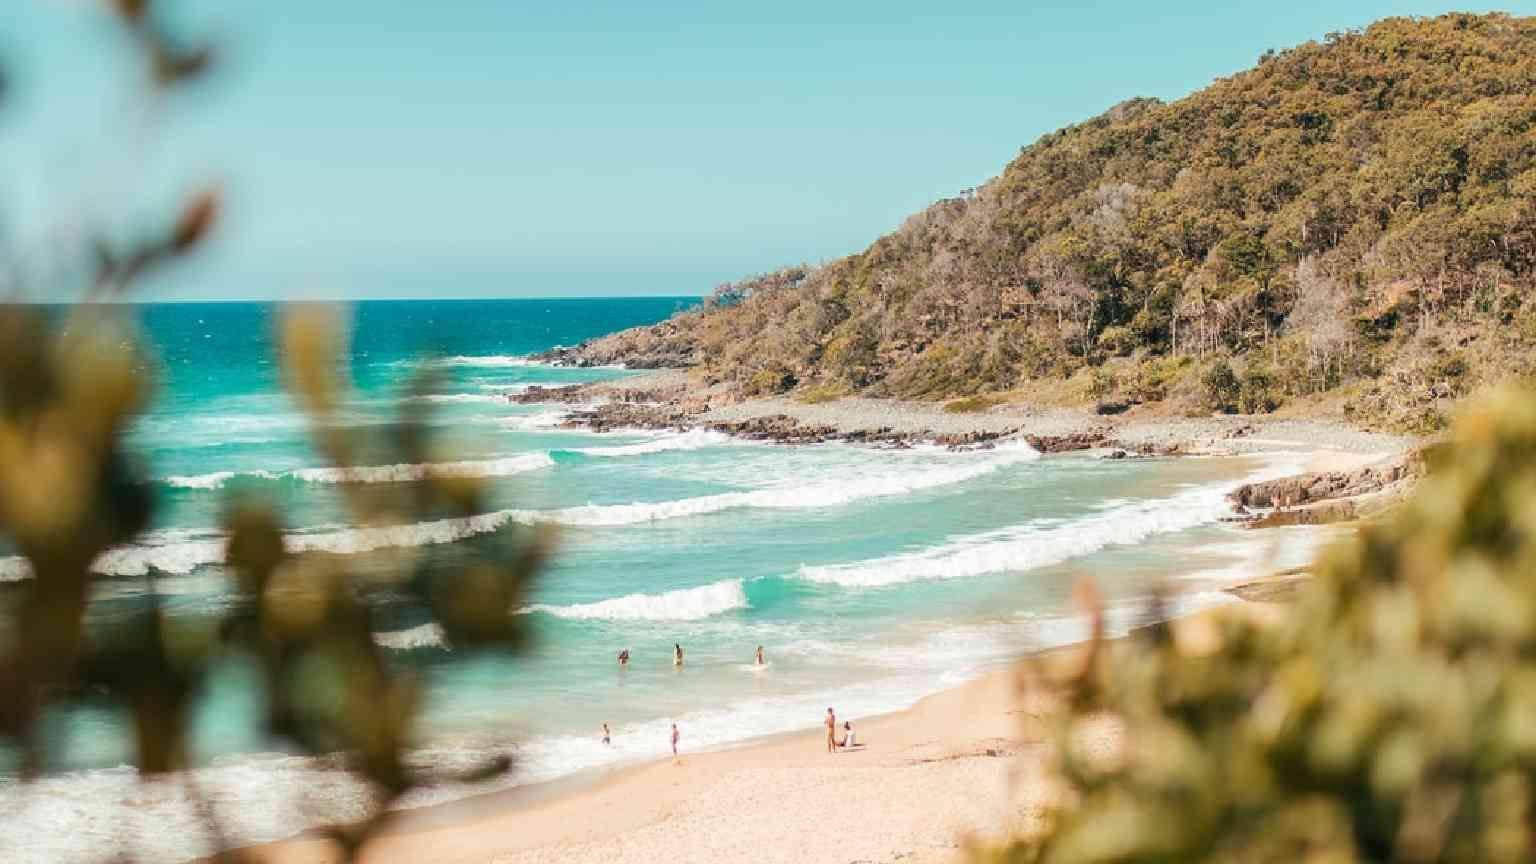 Beach in Noosa, Queensland